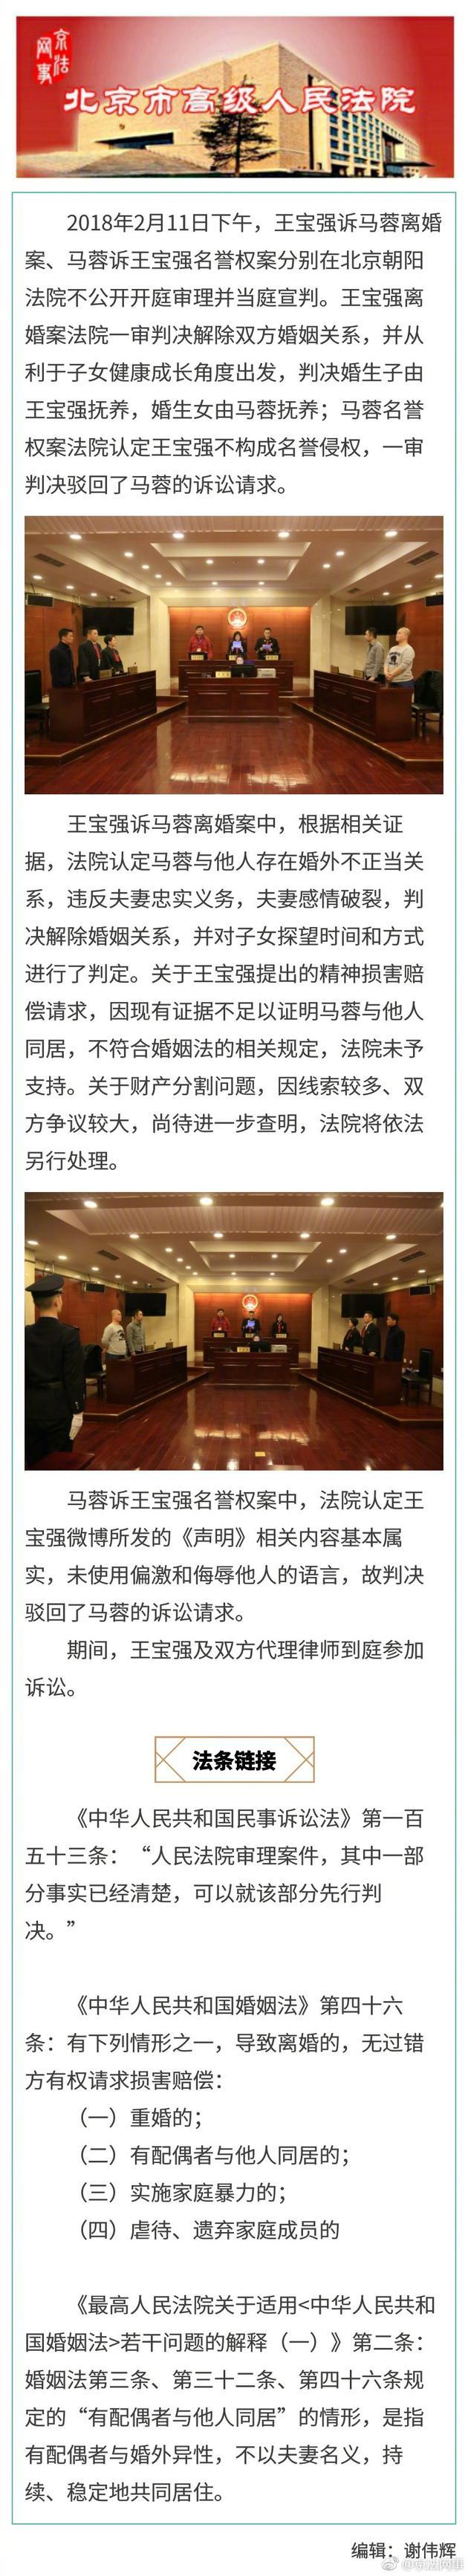 王宝强离婚案 马蓉名誉权案一审宣判